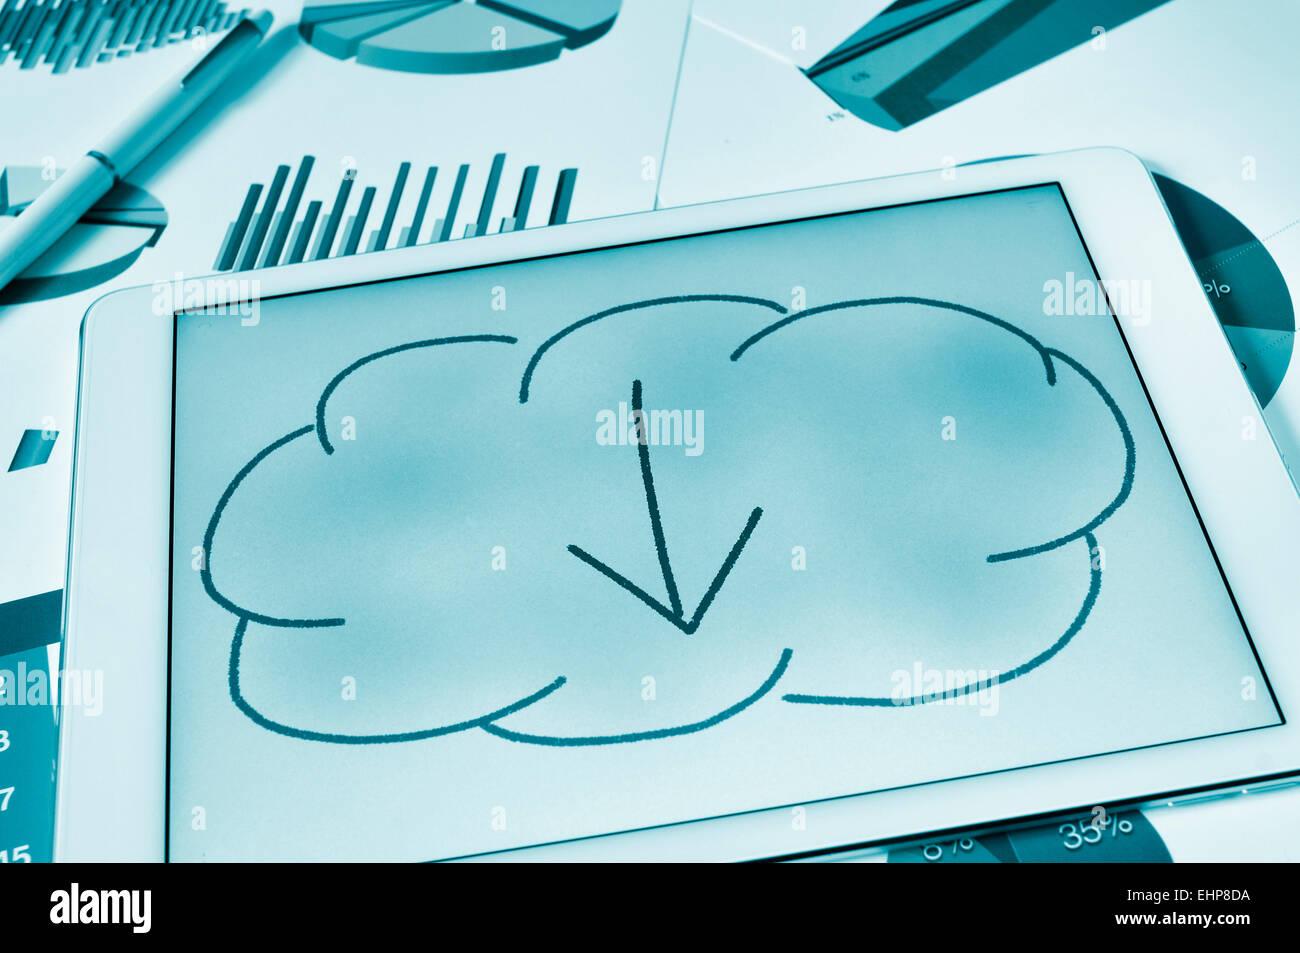 Un dibujo de una nube con una flecha en el interior de la pantalla de la tableta, representando el concepto de descarga Imagen De Stock